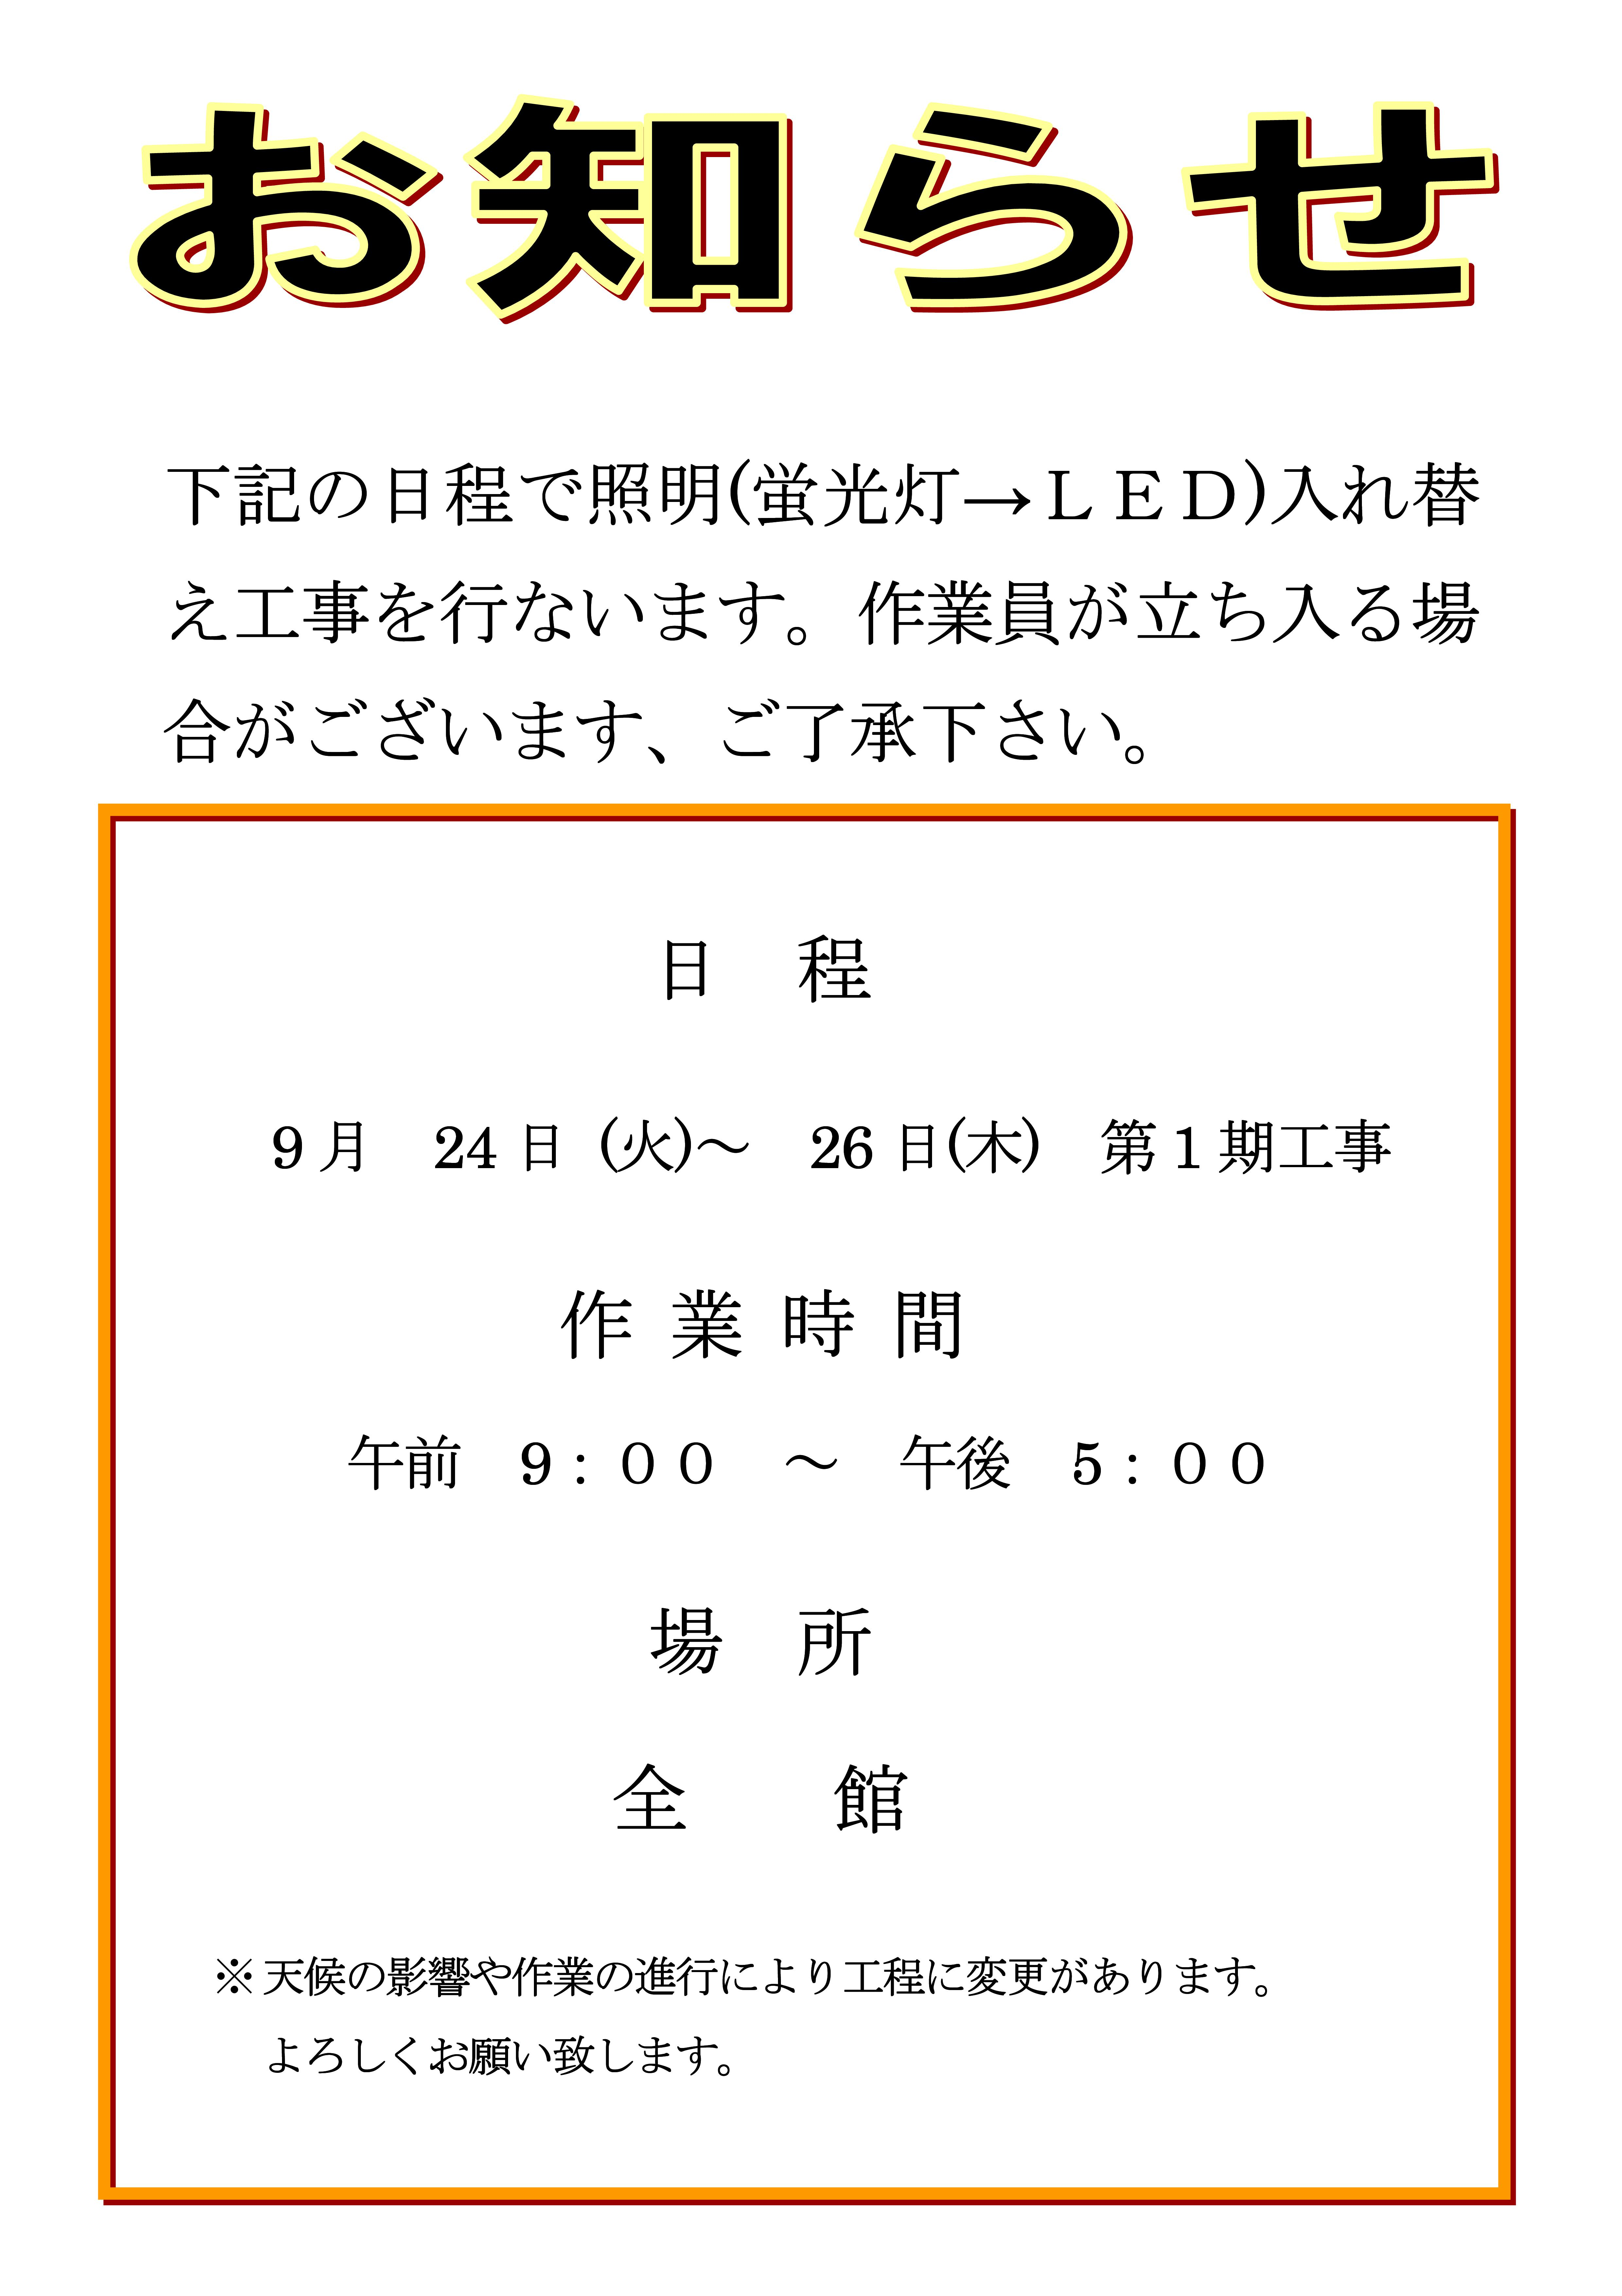 2019年9月24日(火)~26日(木)照明入れ替え工事を行います。